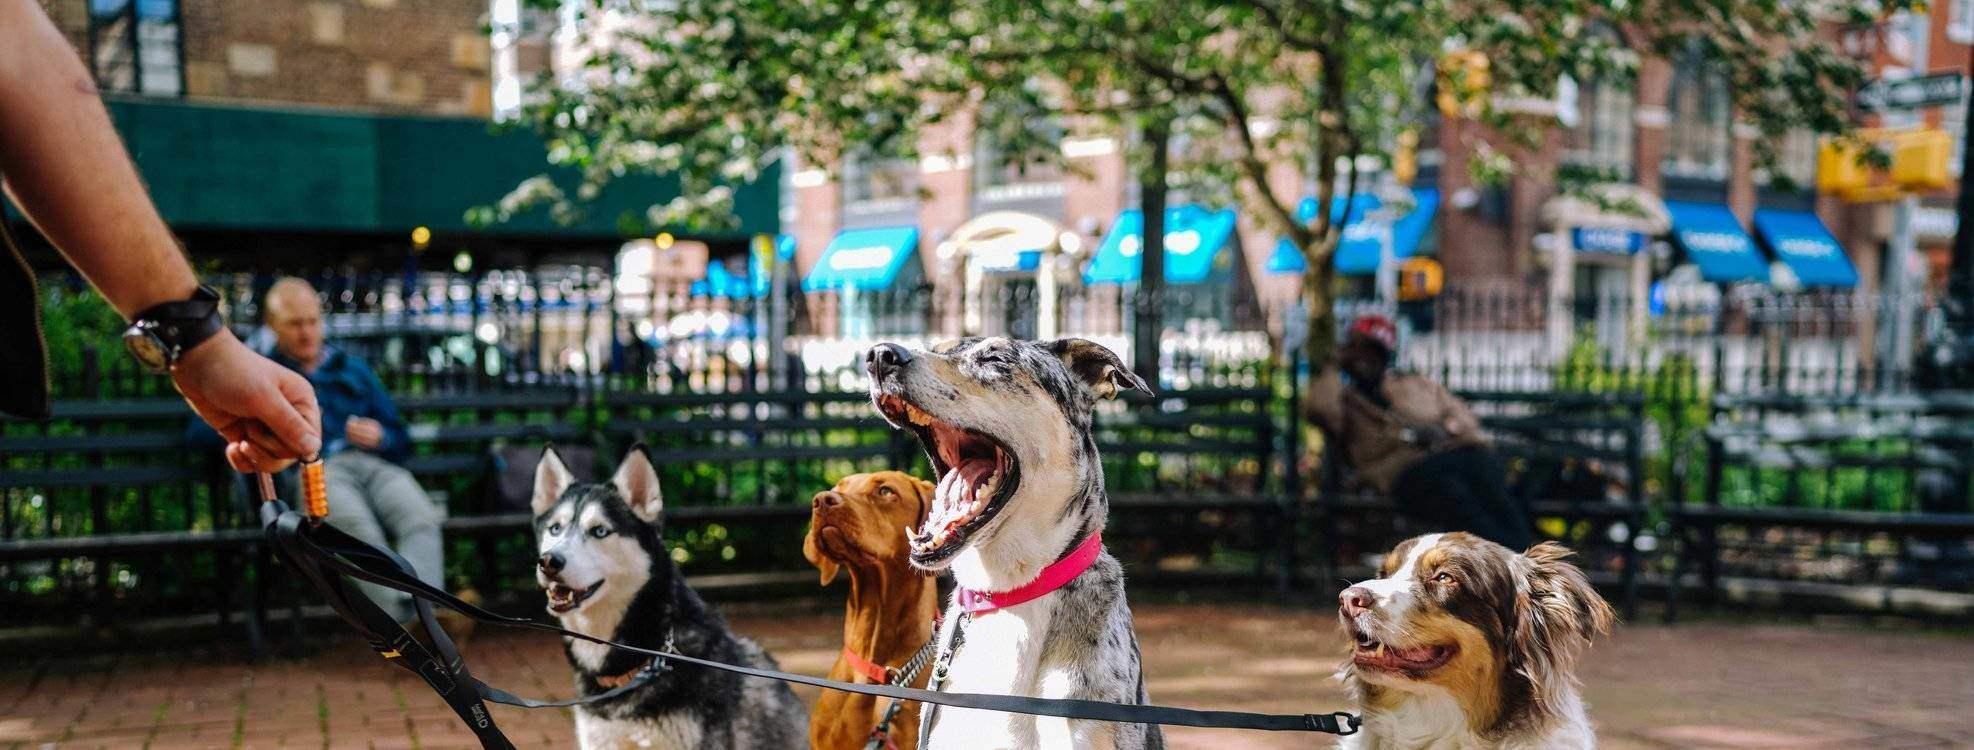 A kutyák fogazata